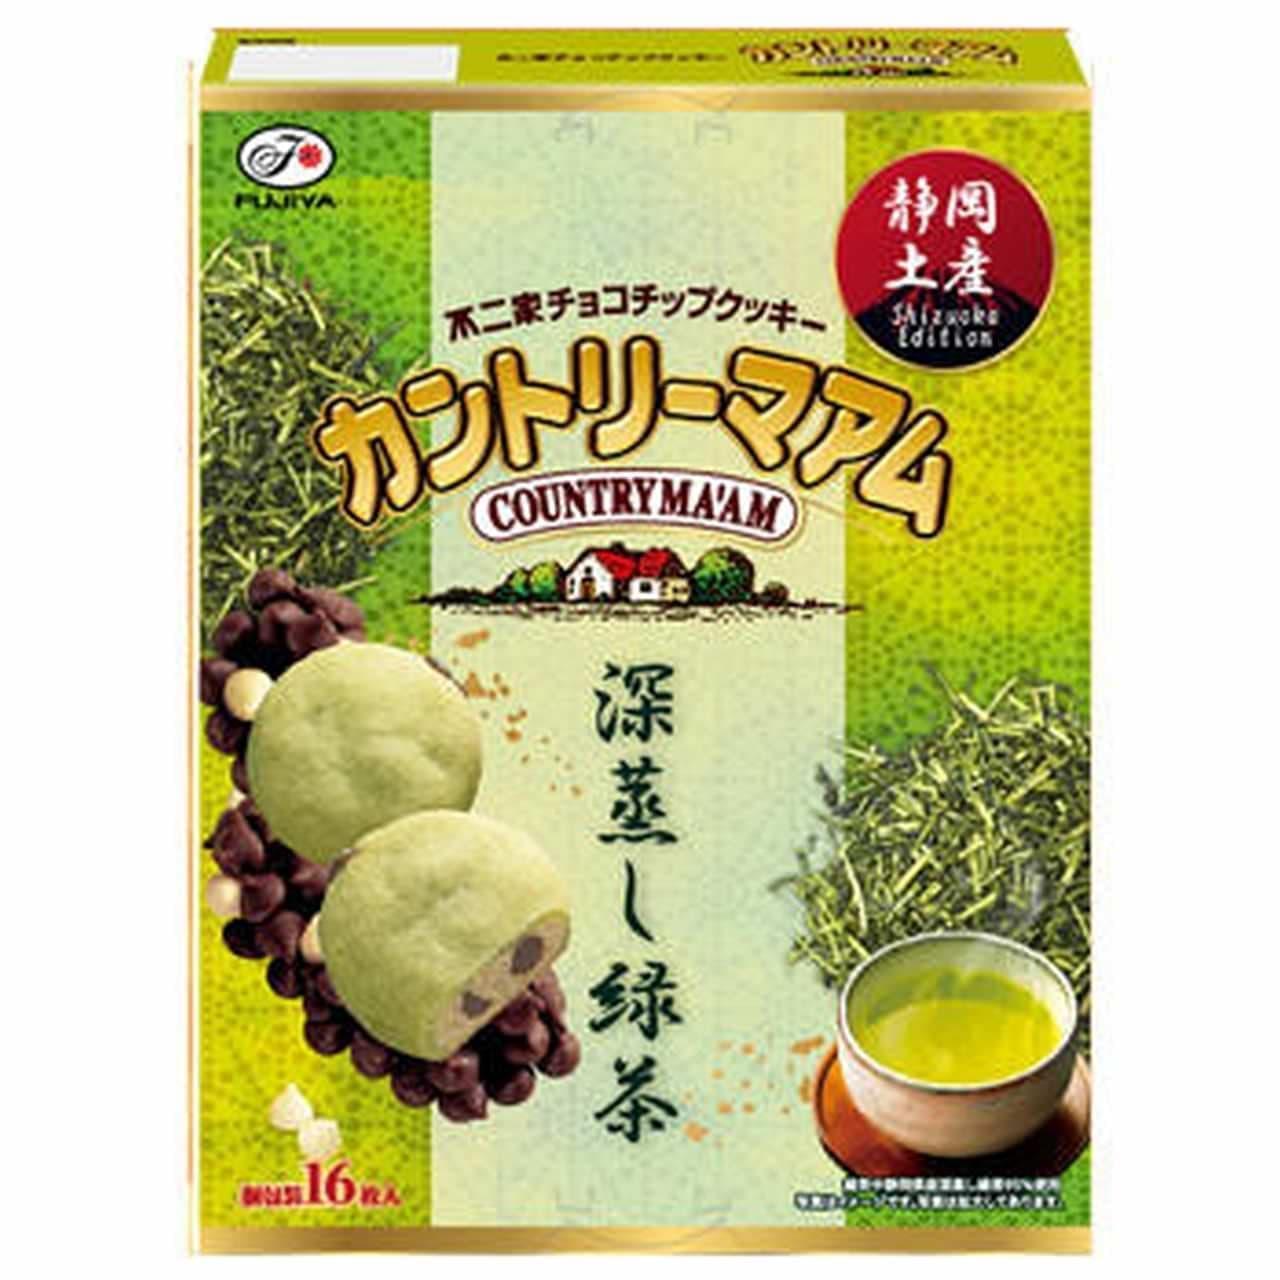 カントリーマアム「【静岡限定】16枚カントリーマアム(深蒸し緑茶)」